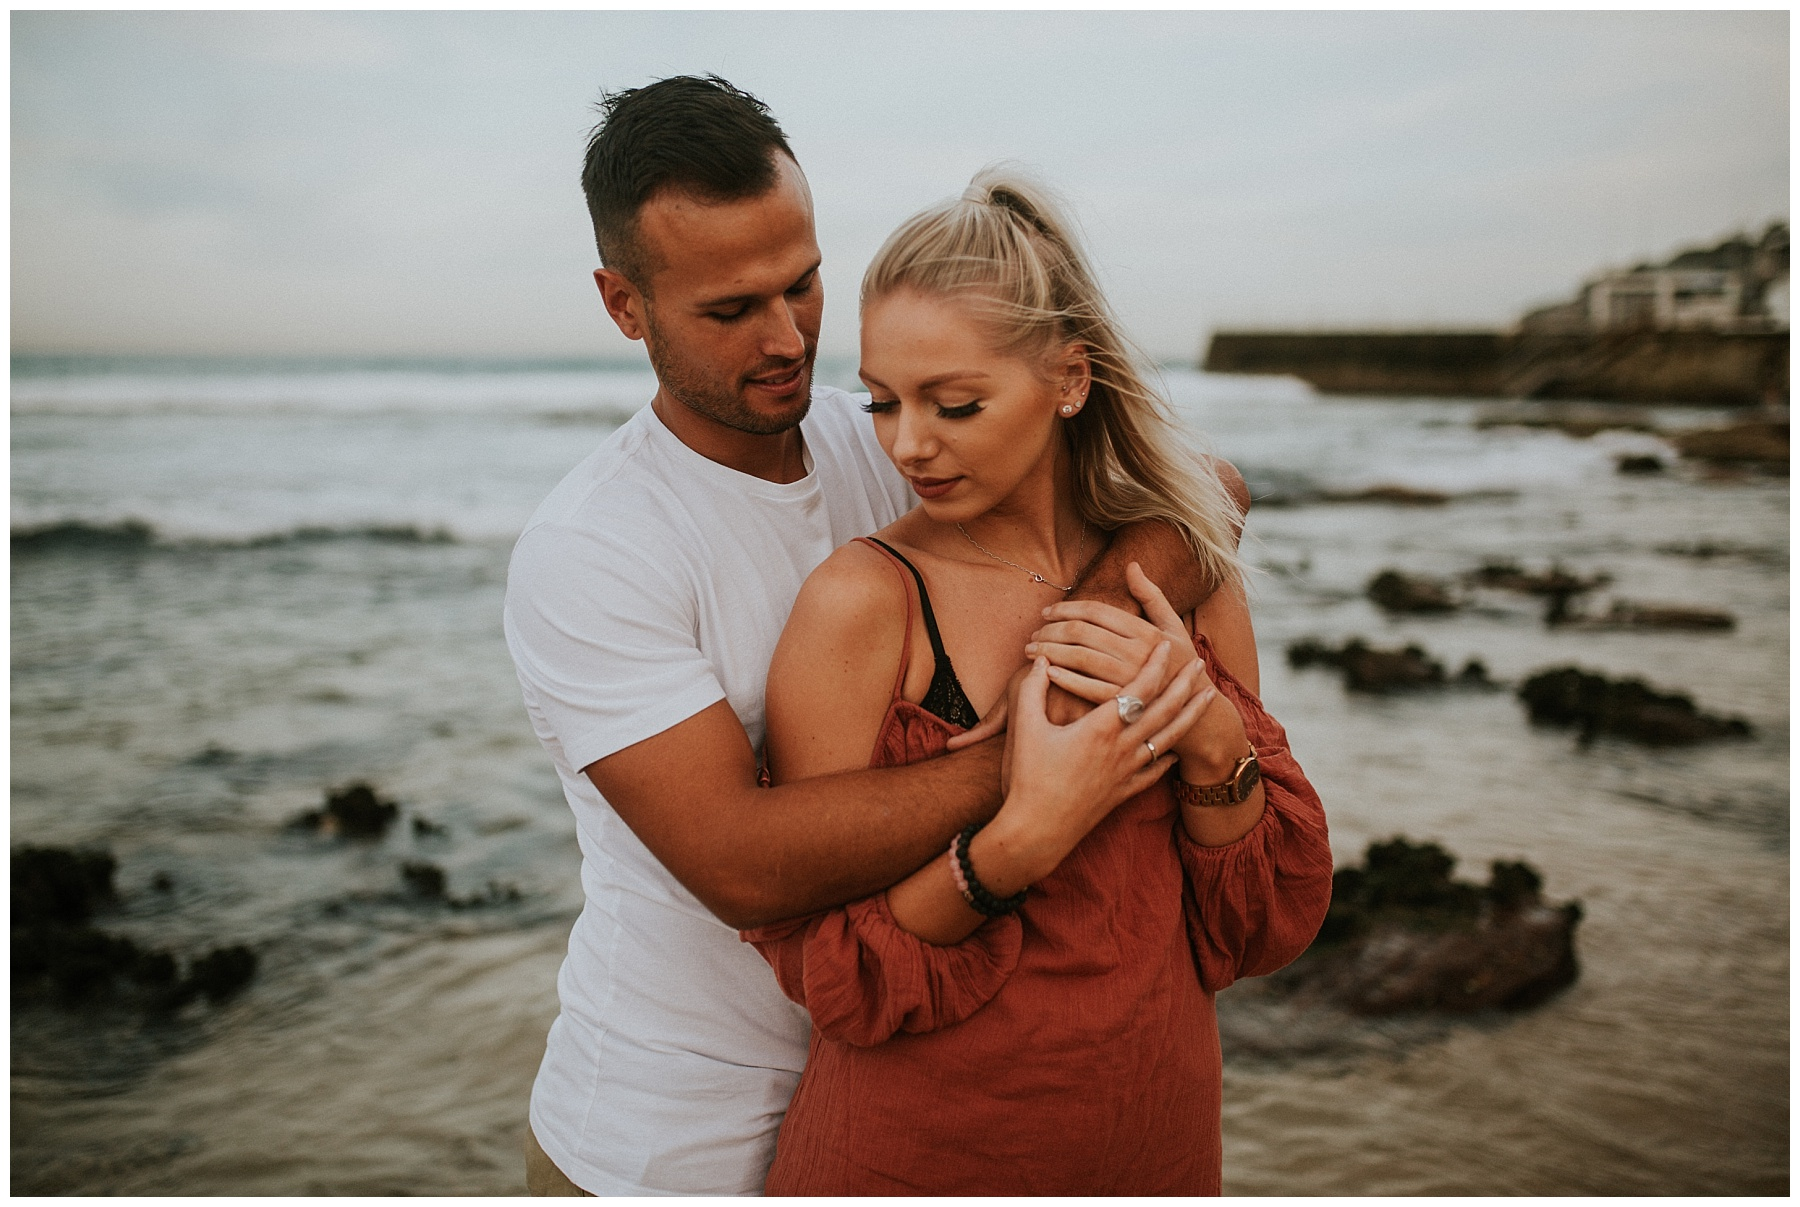 Chris-Hannahs-Couple-Shoot-Bondi-Beach-55.jpg